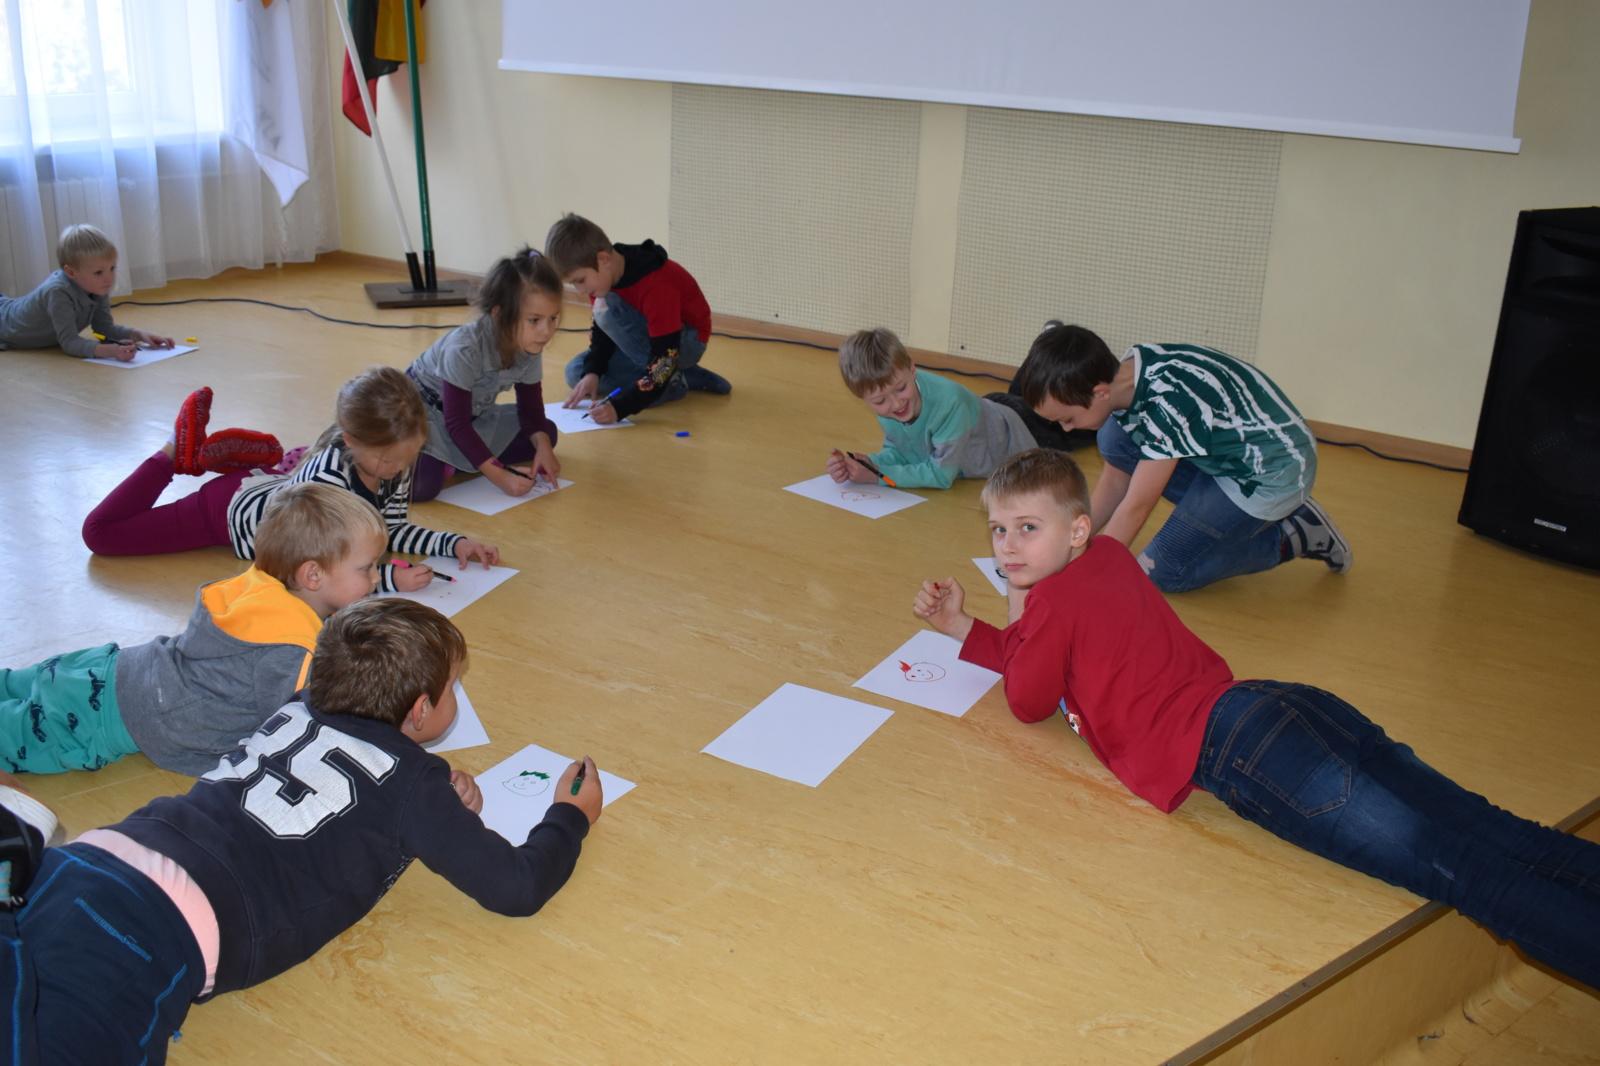 Šiaulių sanatorinėje mokykloje svečiuojasi Hamburgo lituanistinės mokyklos mokiniai ir mokytojai